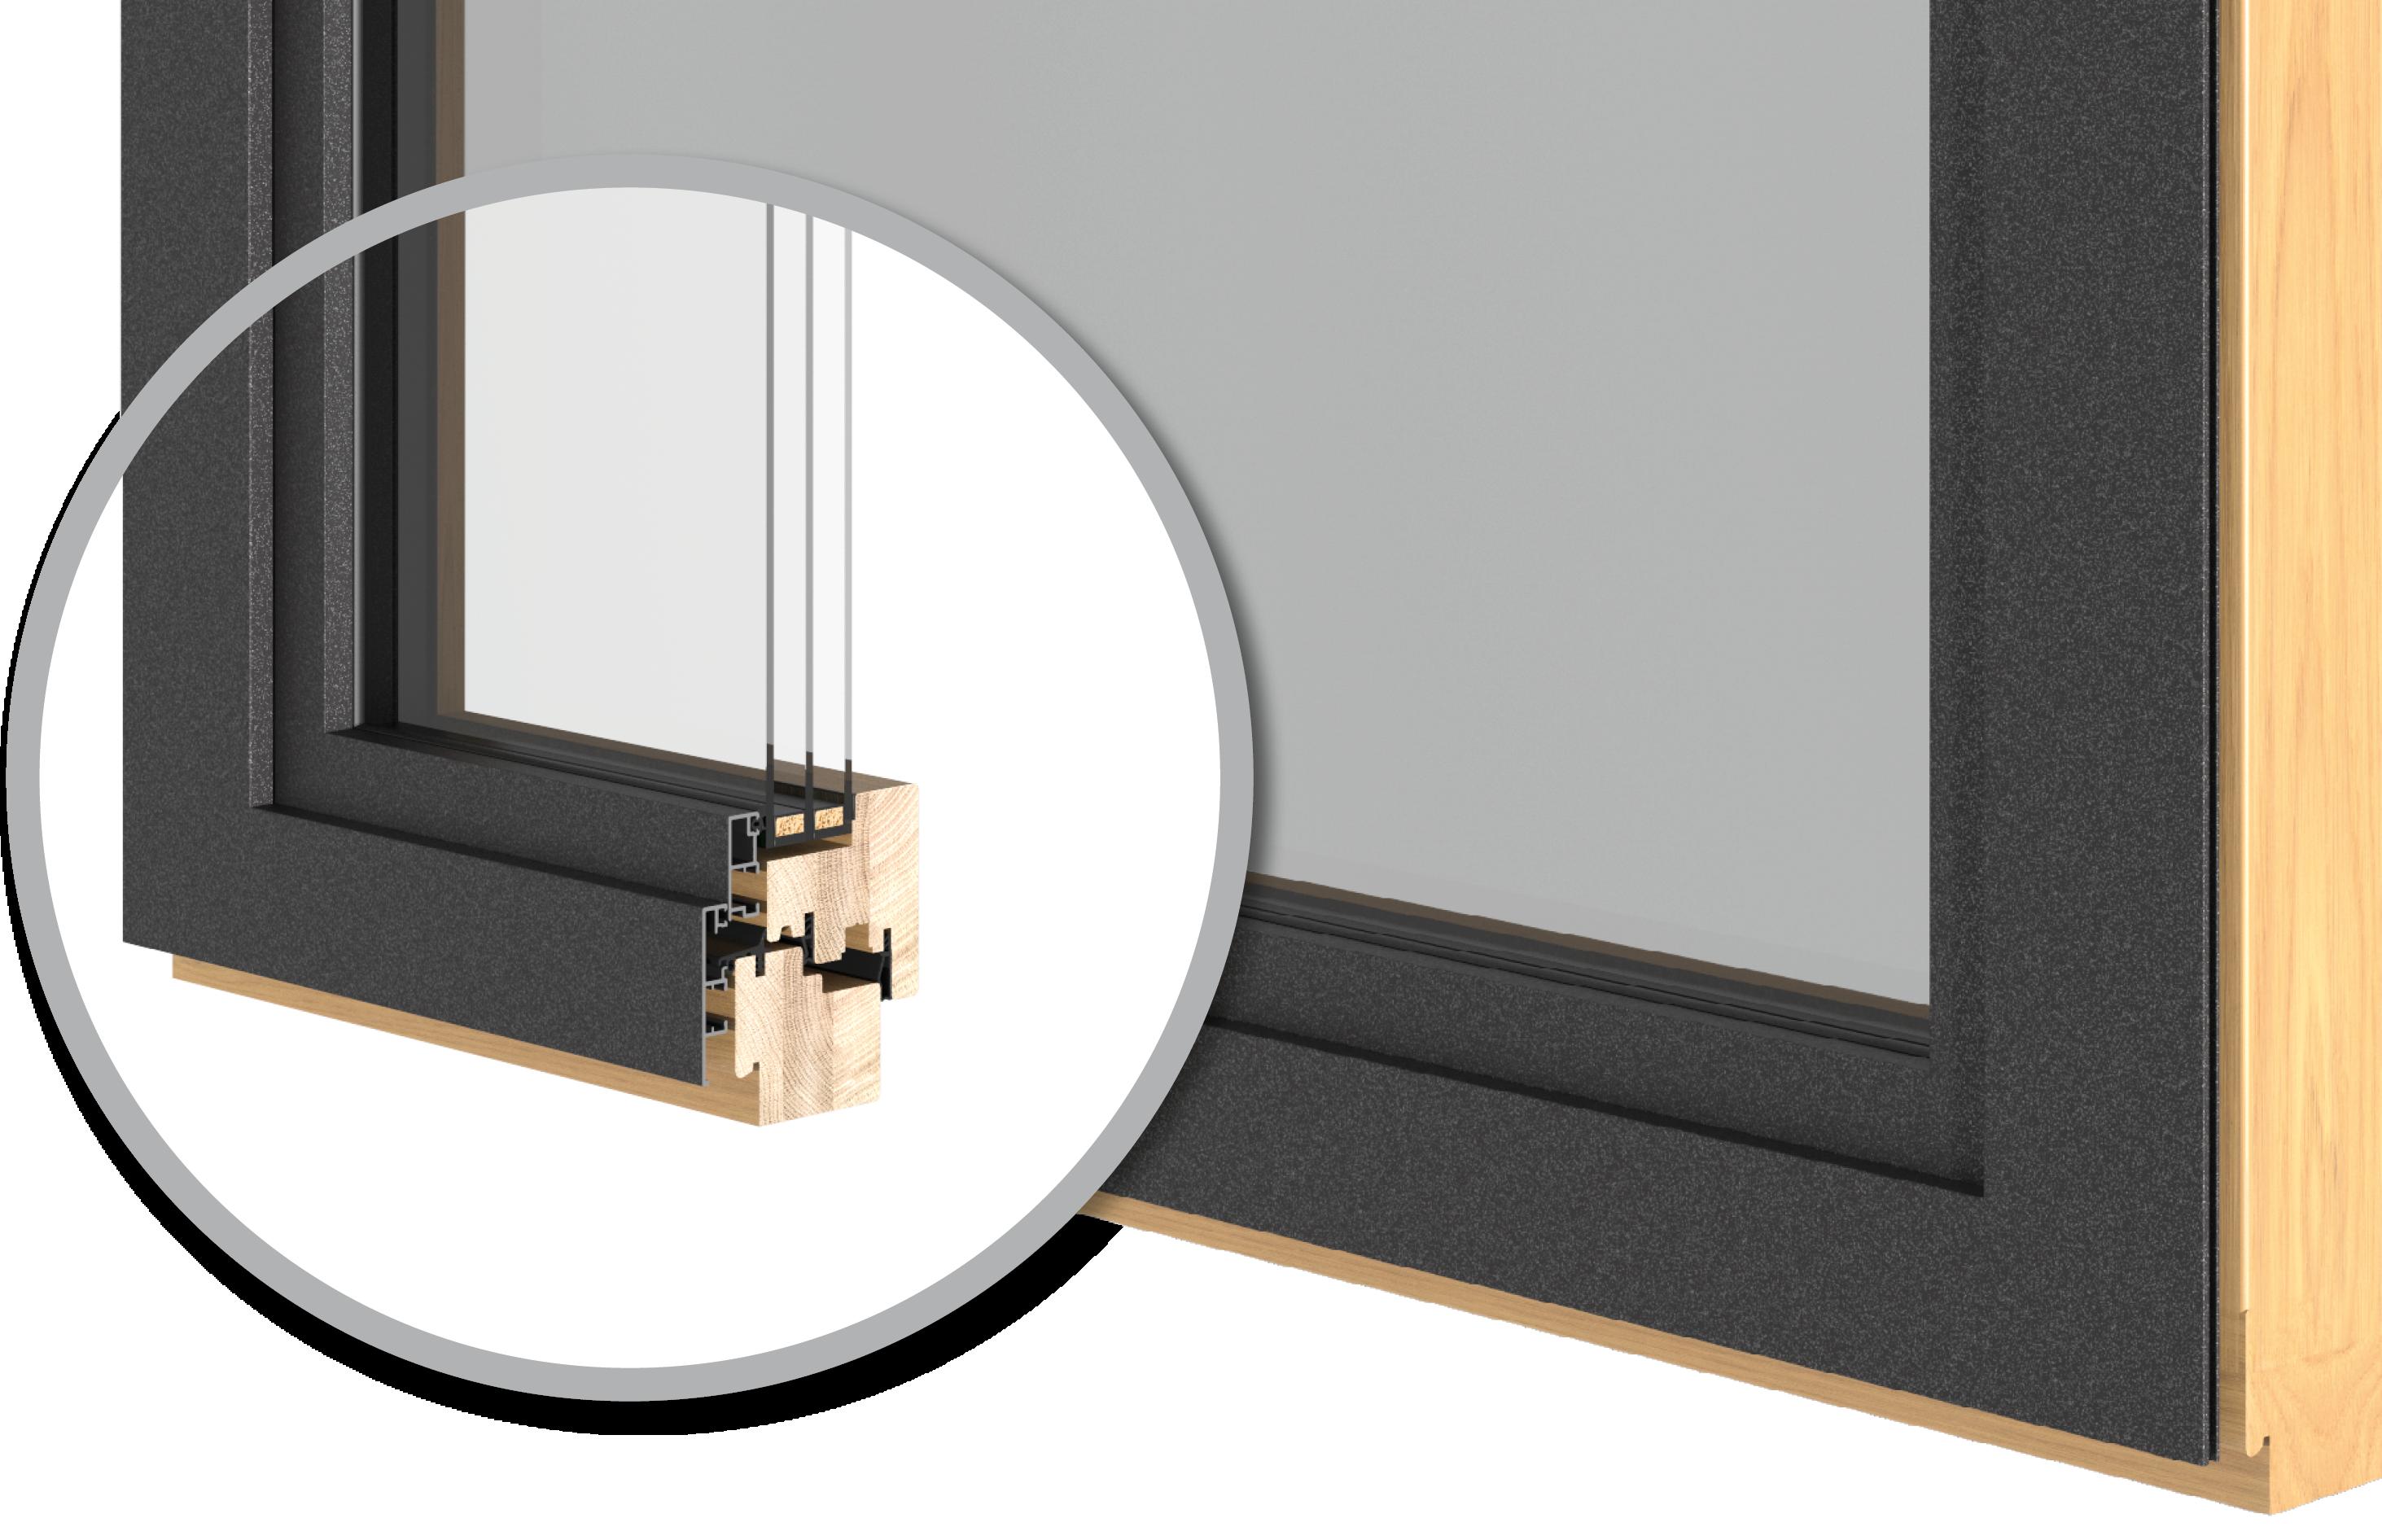 Full Size of Preisunterschied Holz Alu Fenster Kunststofffenster Preisliste Preis Preise Pro M2 Preisvergleich Kunststoff Oder Kostenvergleich Holz Alu Josko Welche Fenster Fenster Holz Alu